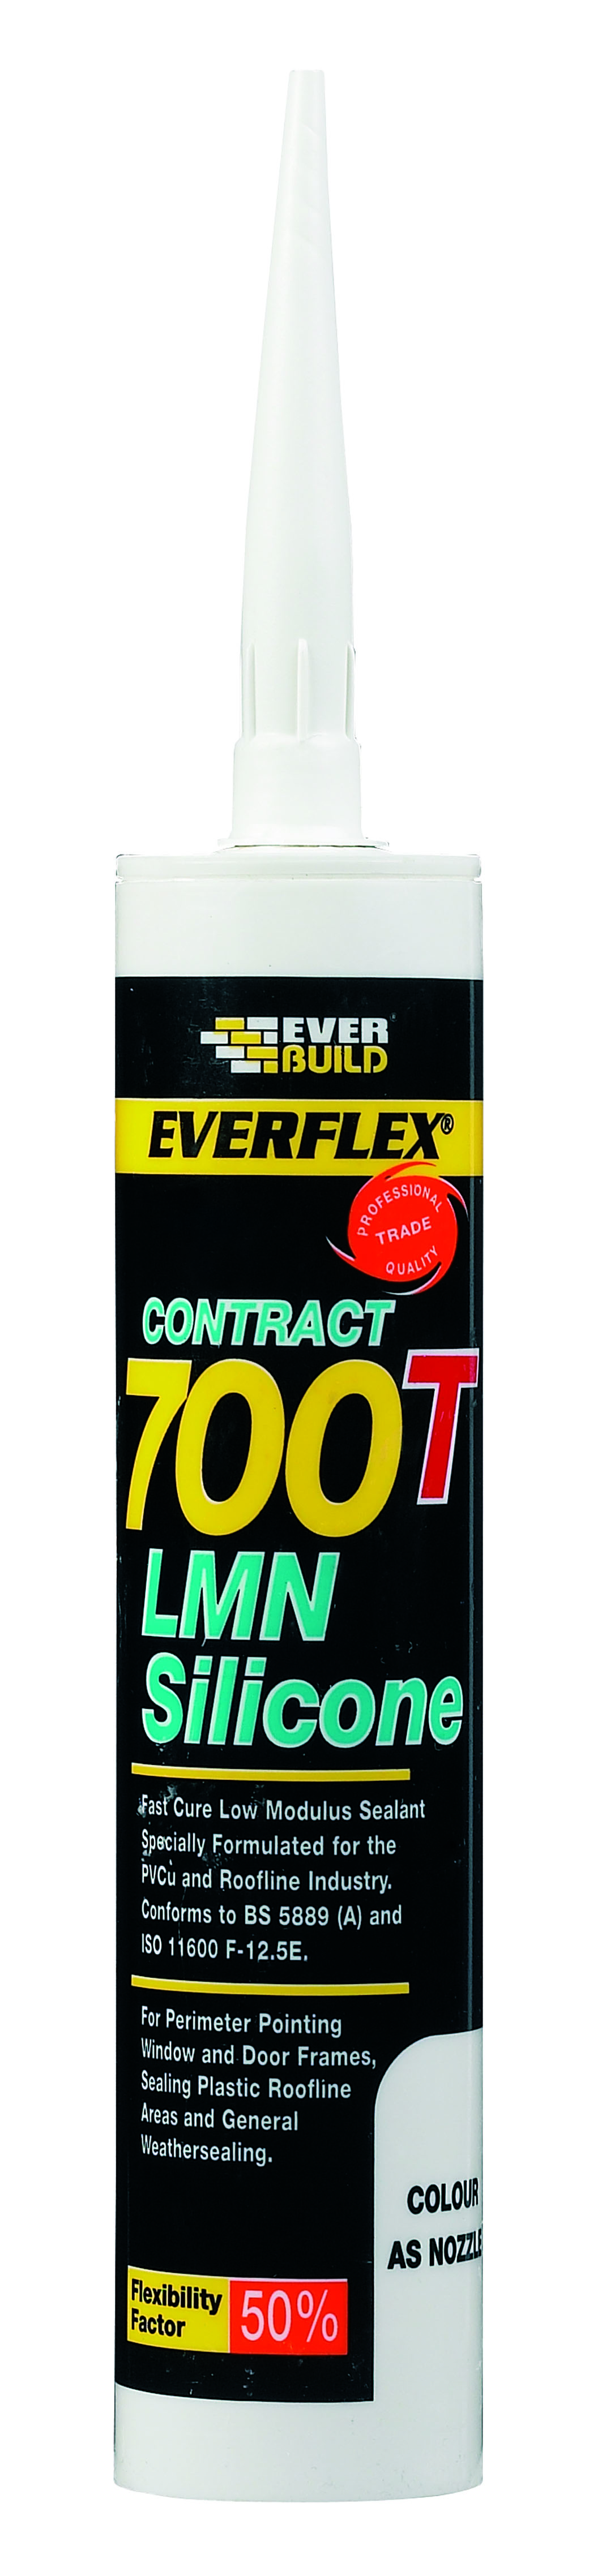 Everbuild Everflex 700t Construction Sealants Limited